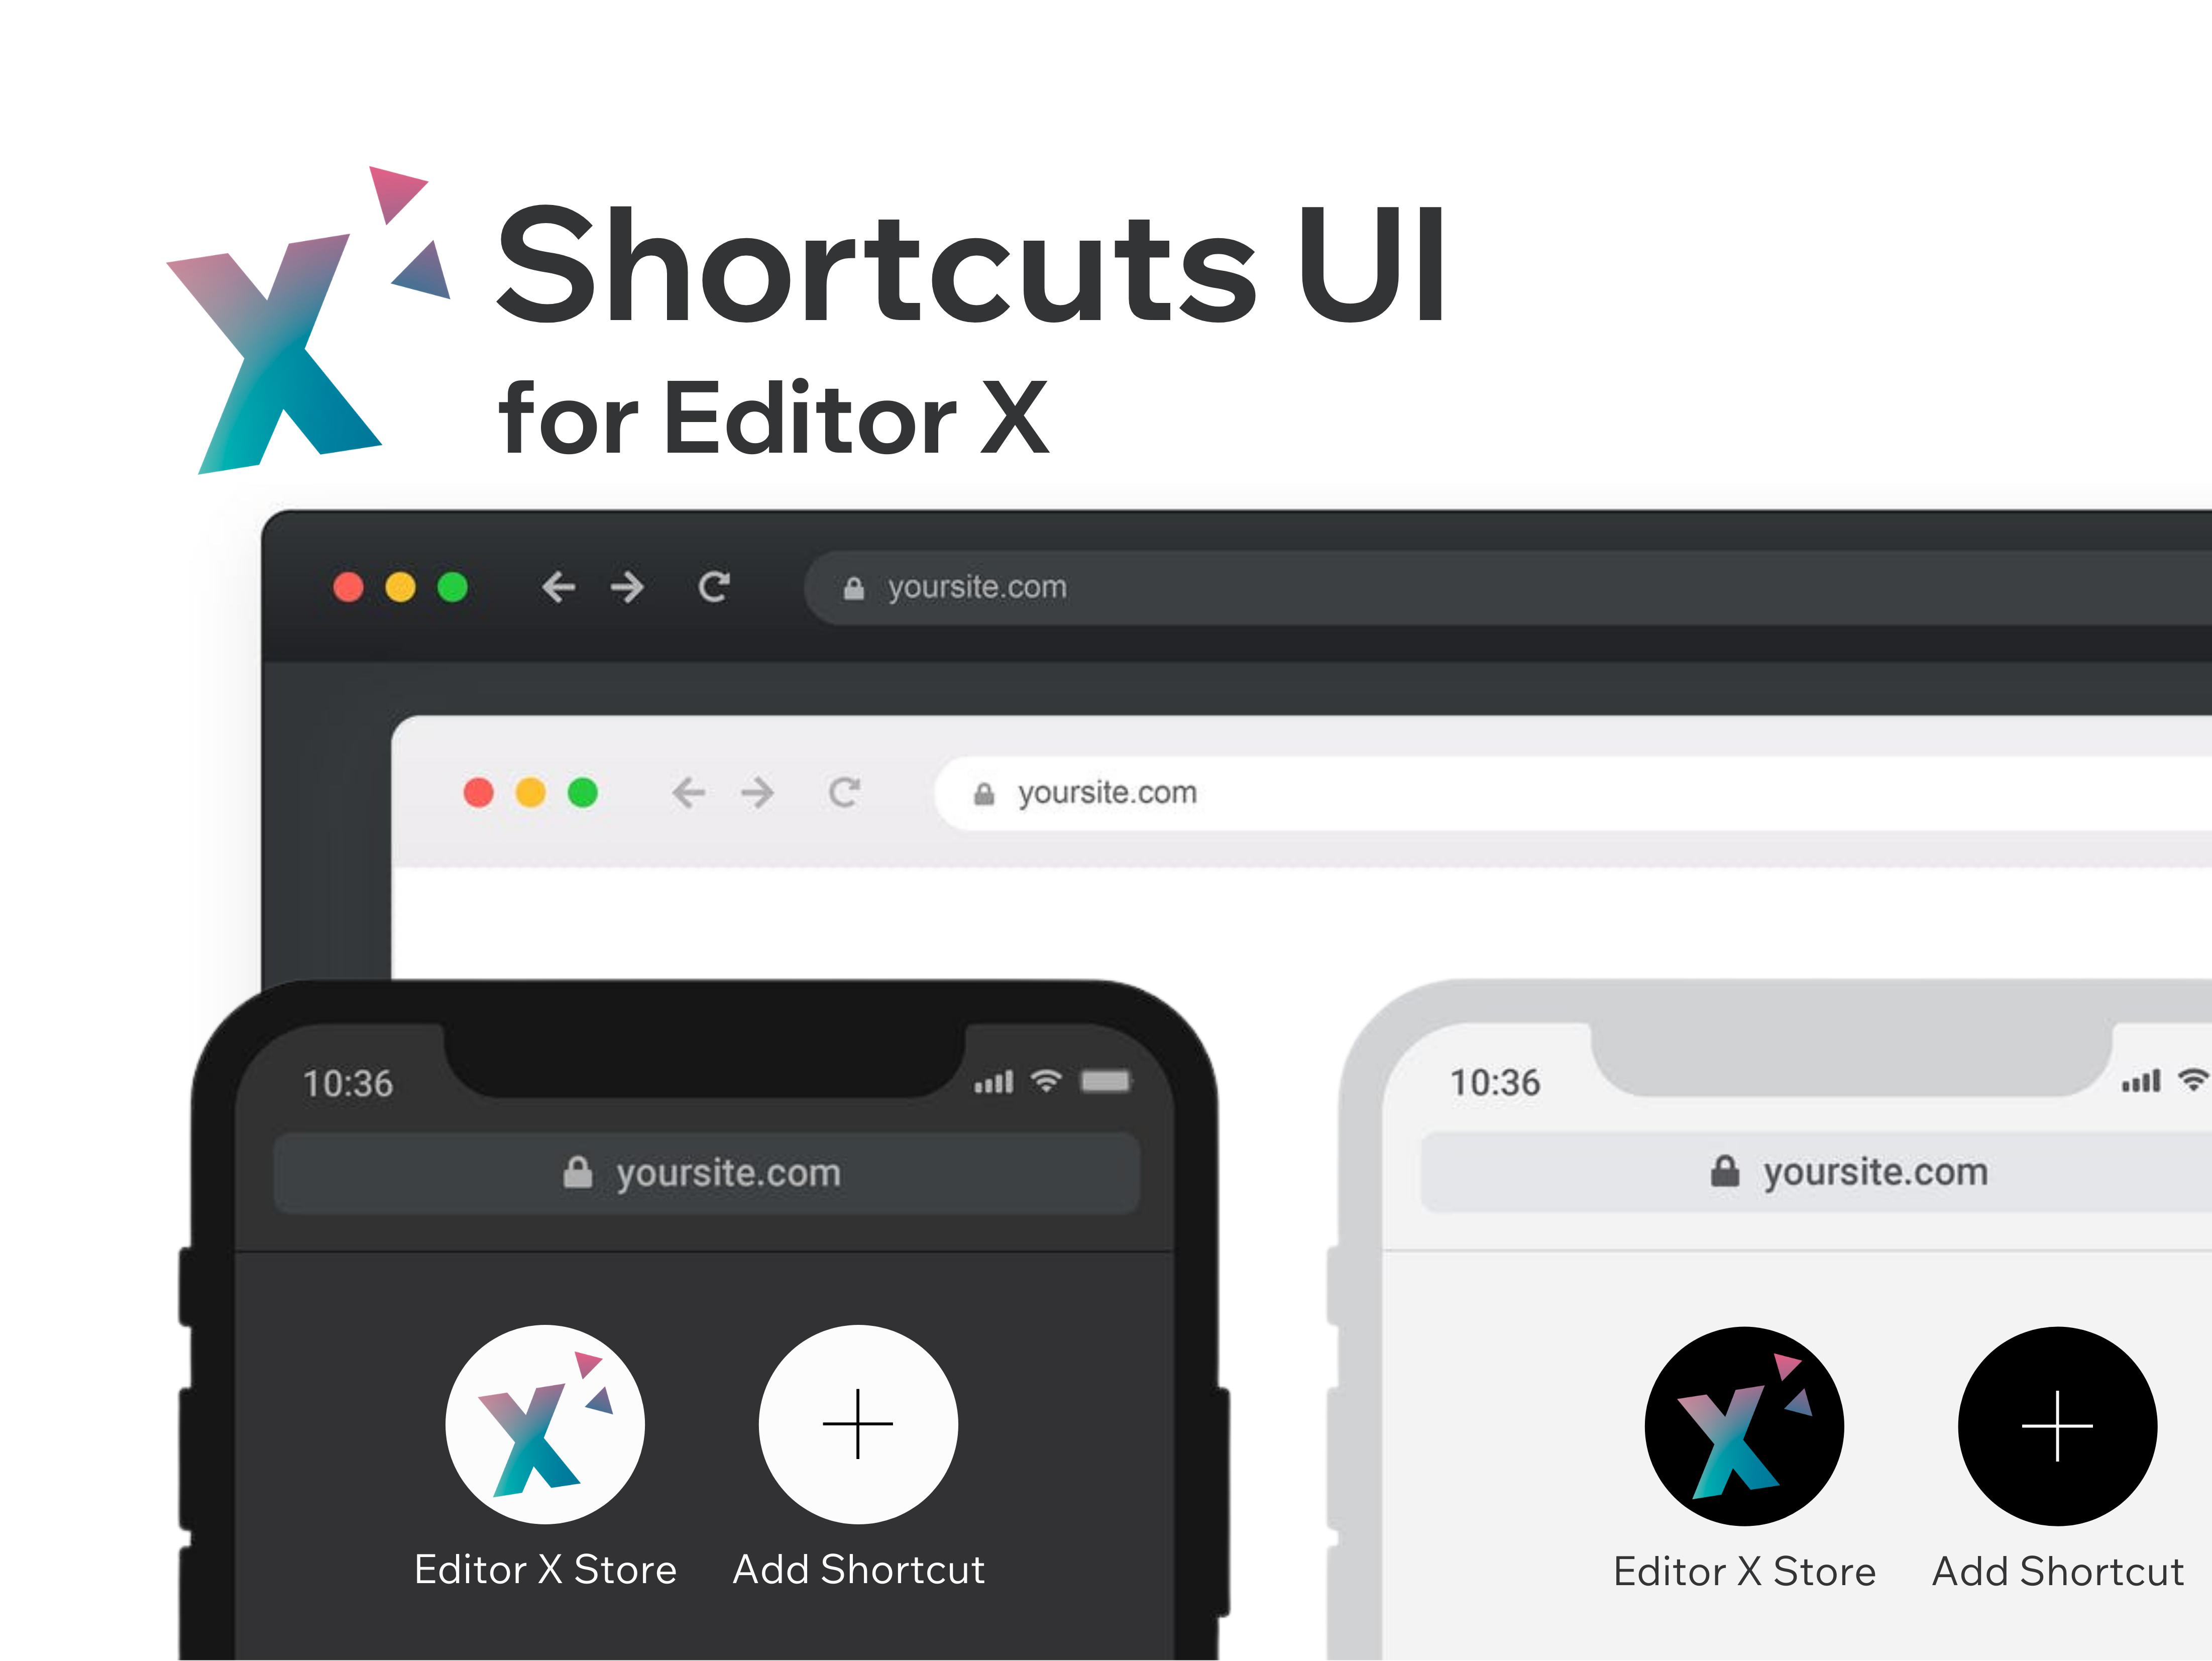 Shortcuts UI